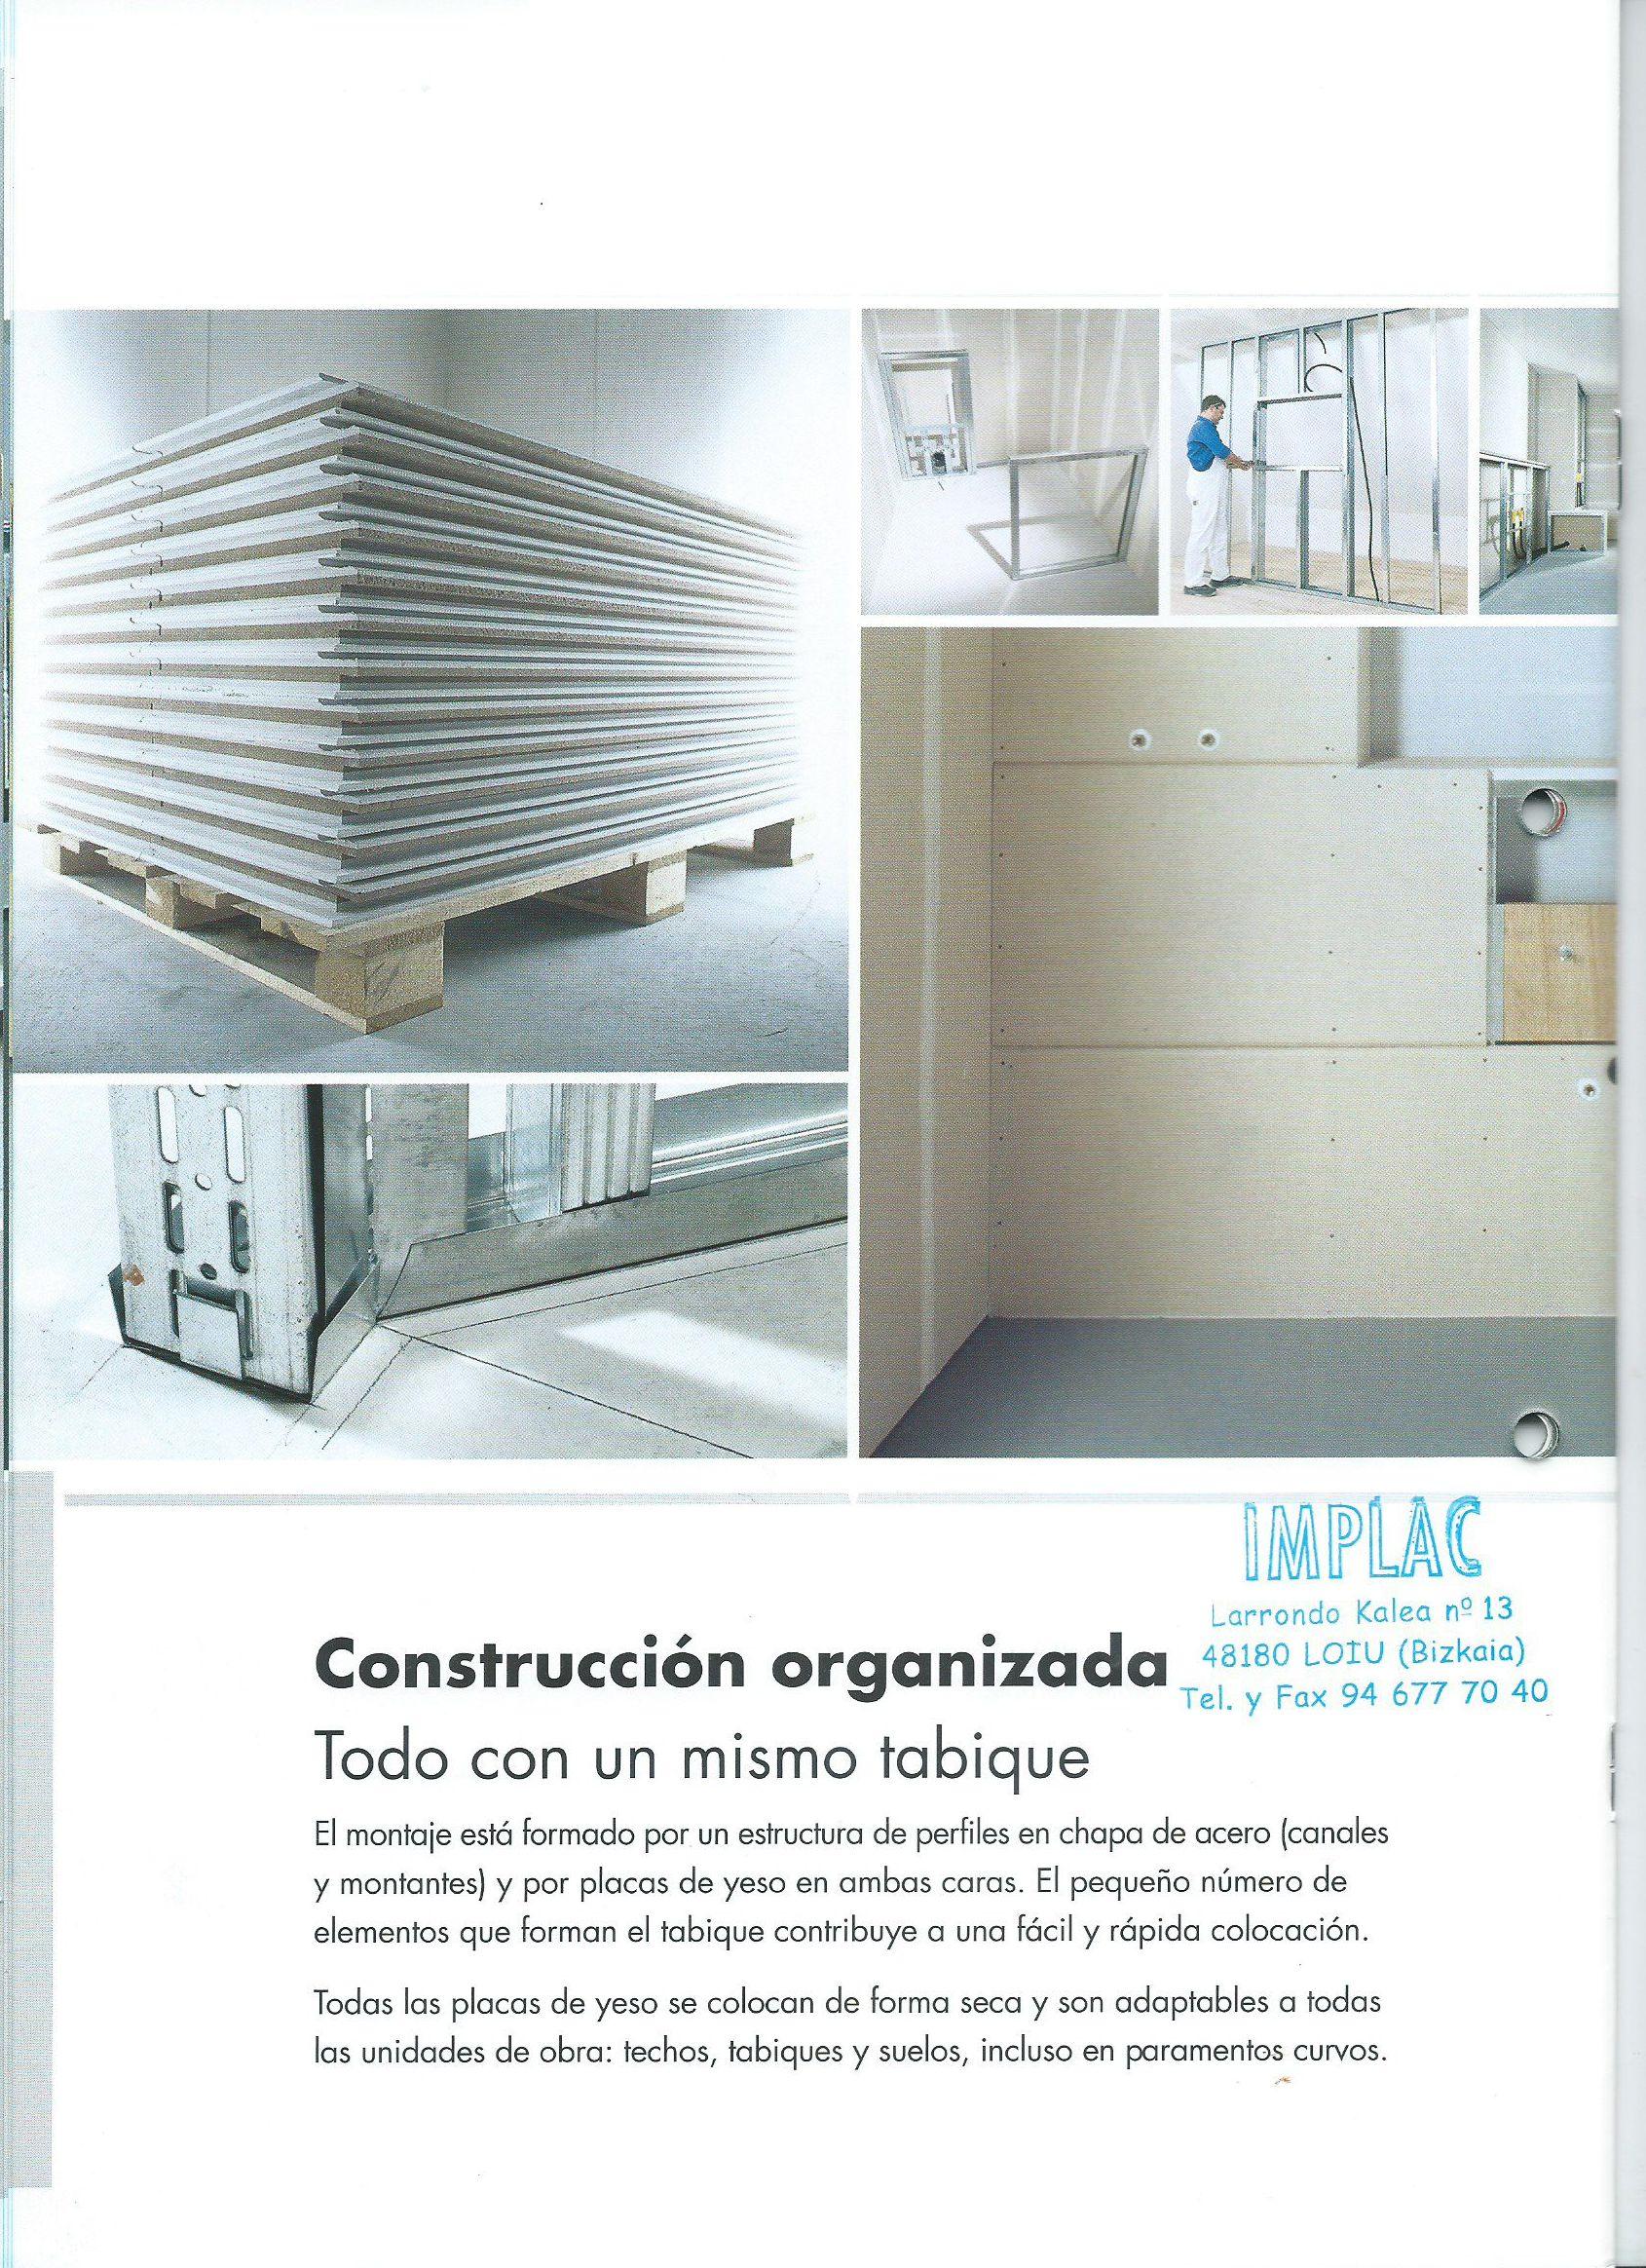 Tabiques, construcción organizada